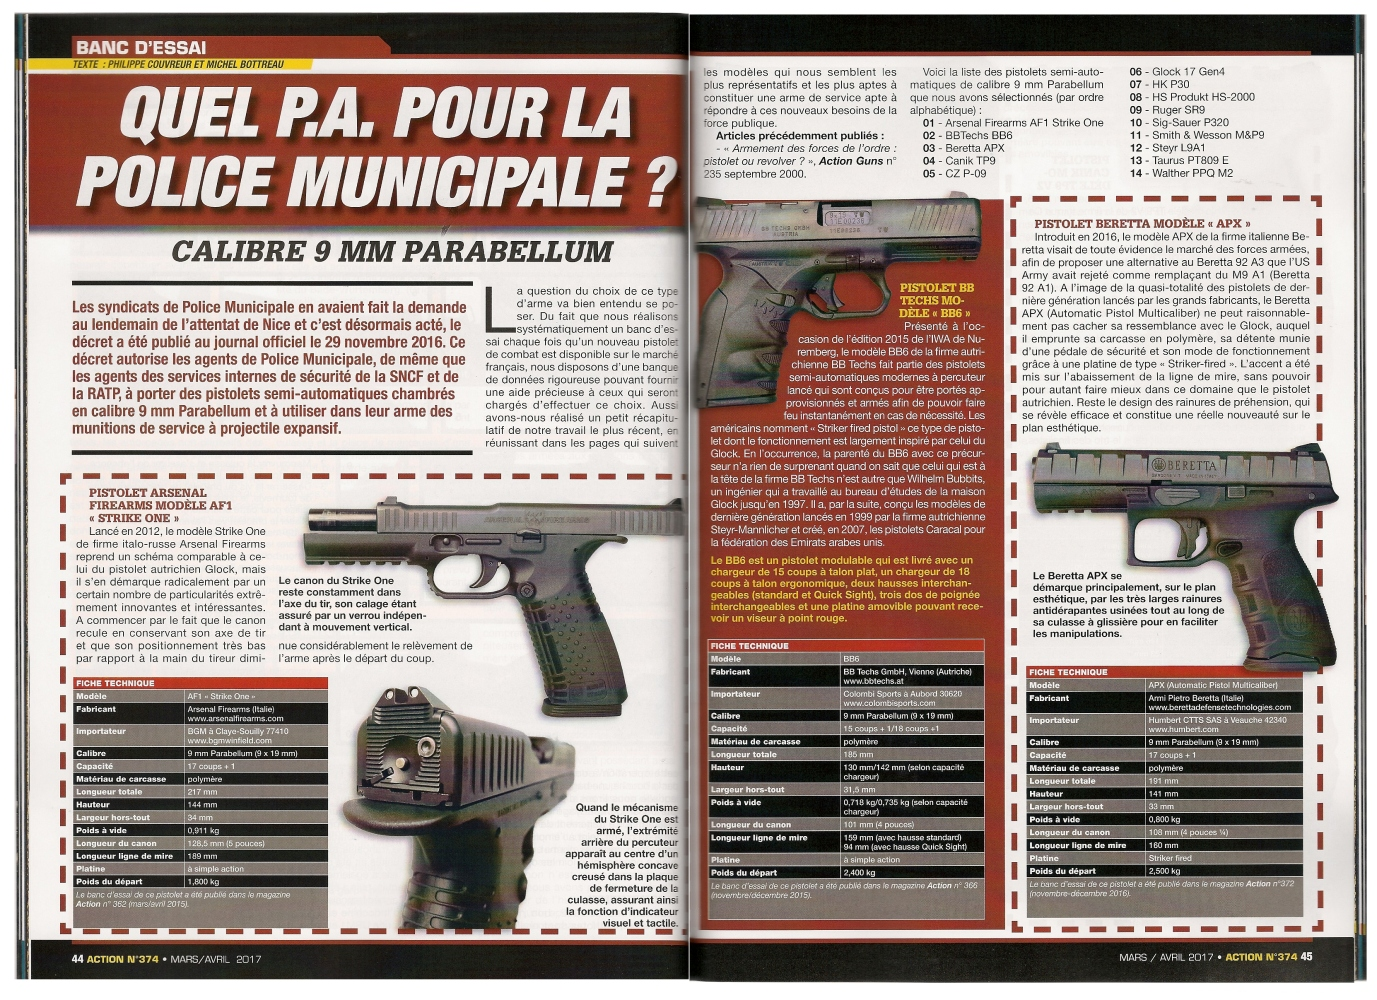 Ce récapitulatif de nos bancs d'essais des pistolets de combat chambrés en calibre 9 mm Parabellum a été publié sur 8 pages dans le magazine Action n°374 (mars/avril 2017).